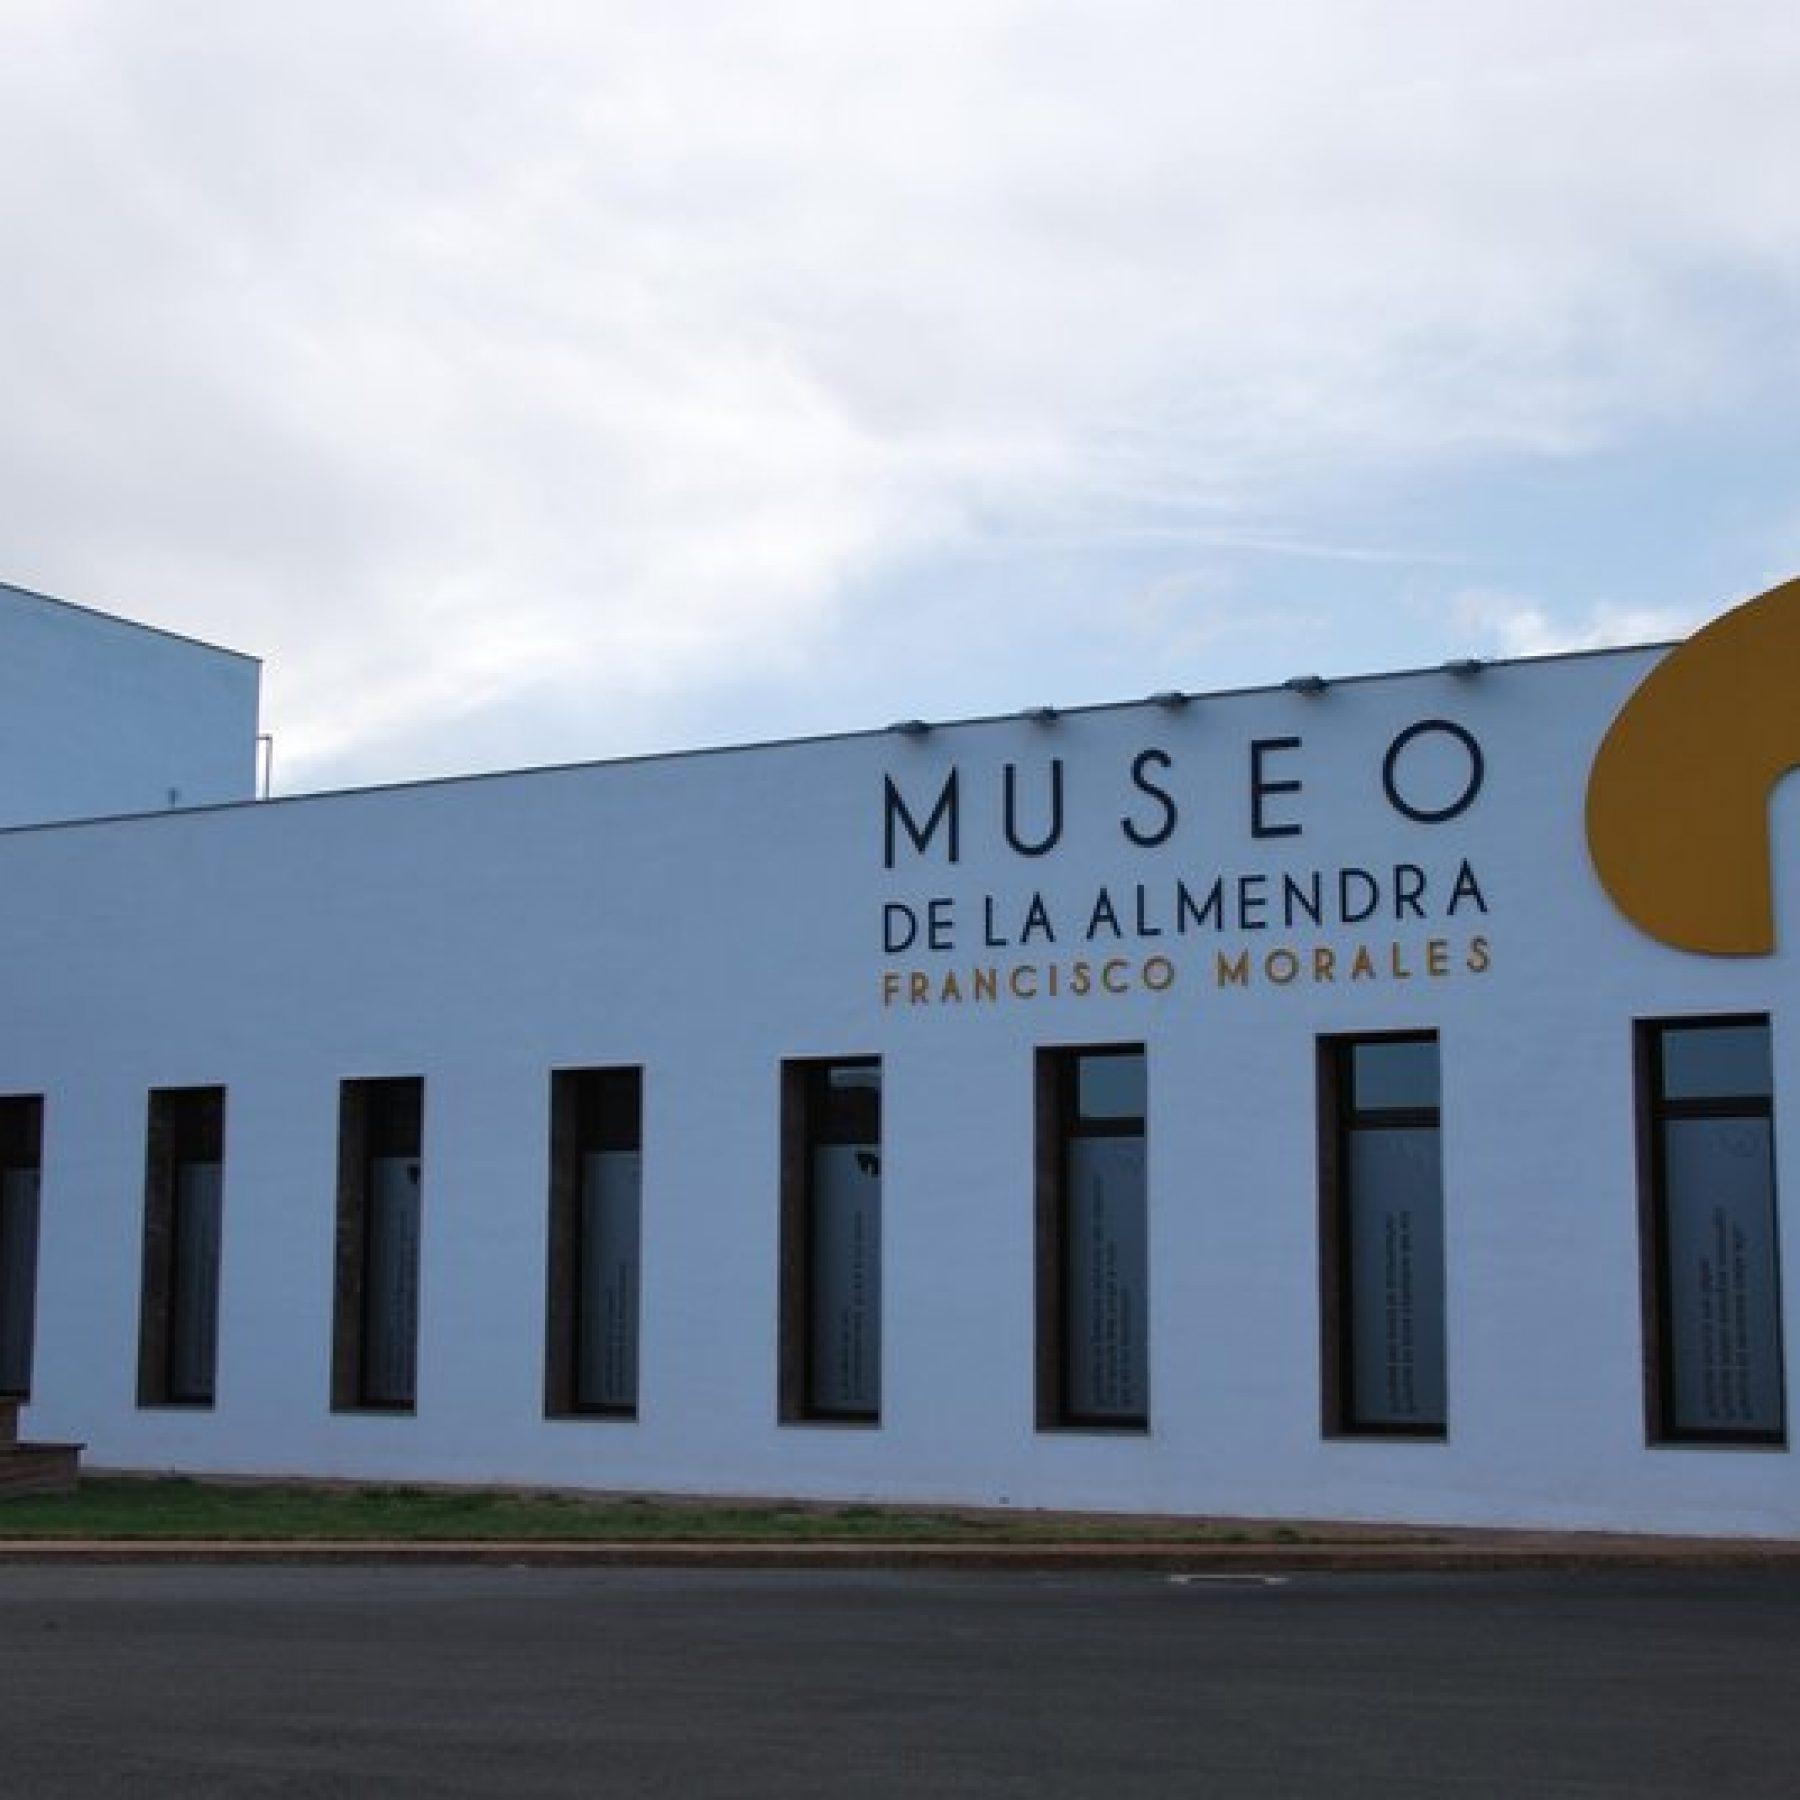 Visita Museo de la almendra, Priego de Córdoba